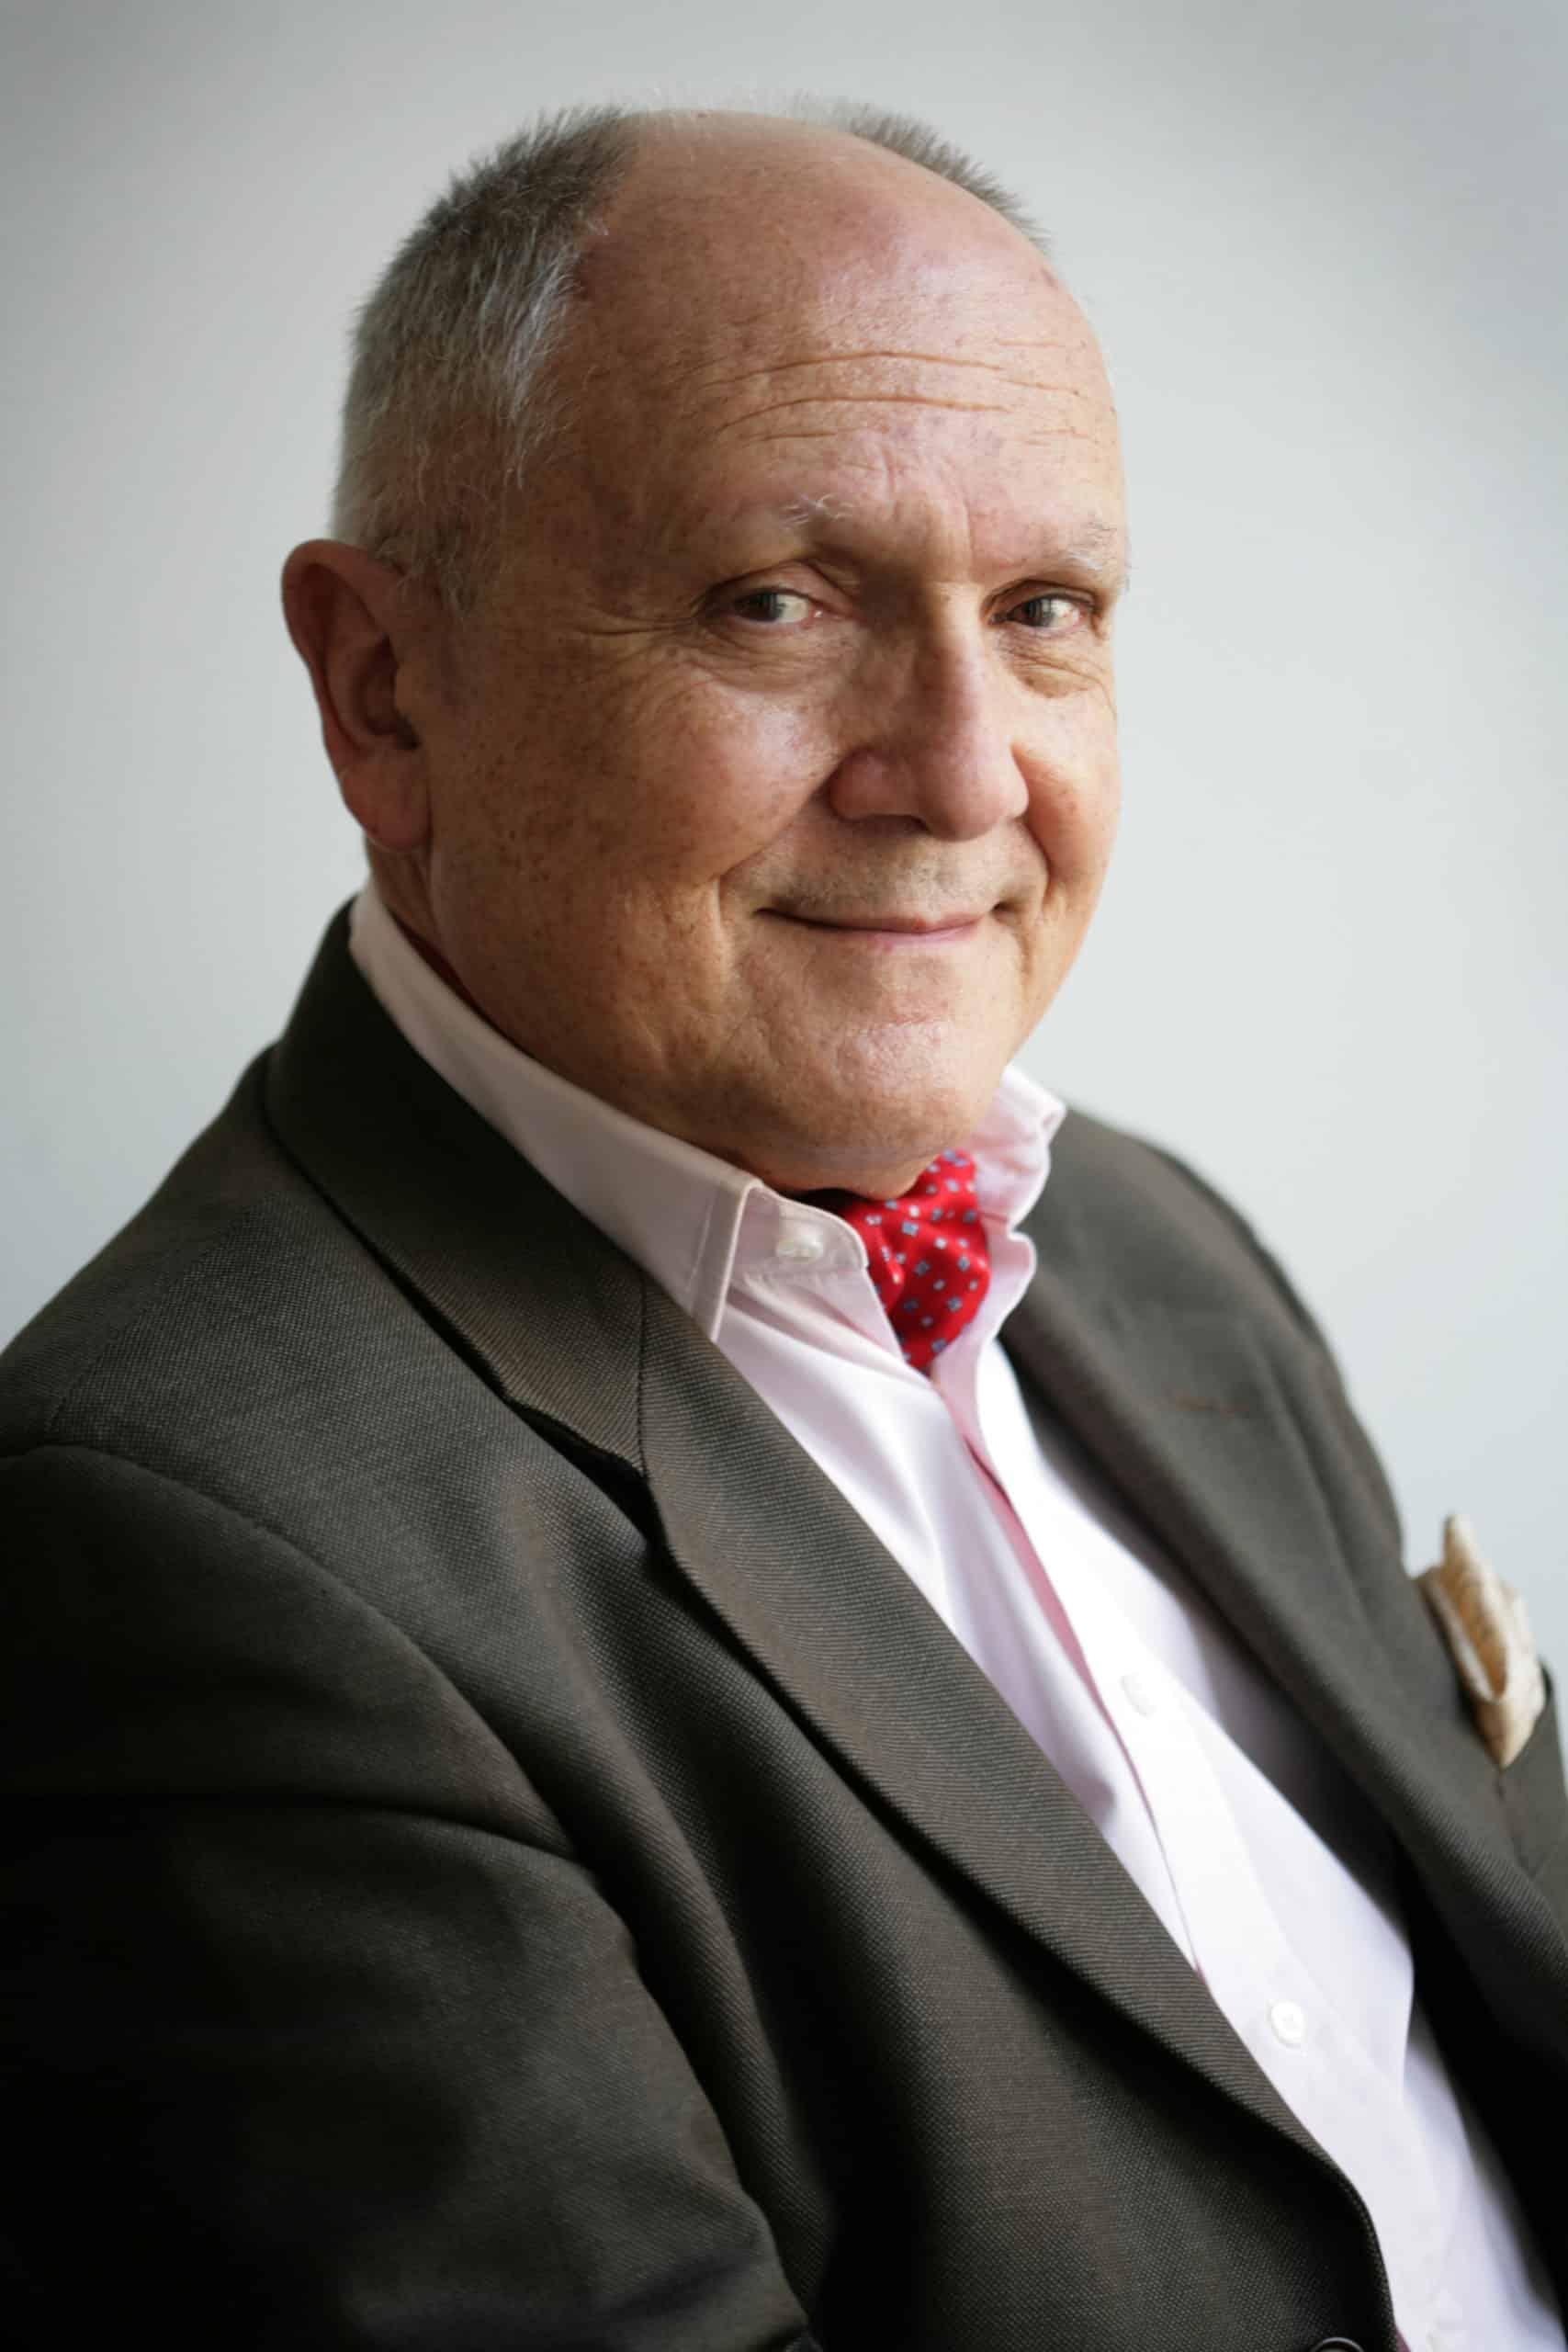 Olivier Schatz